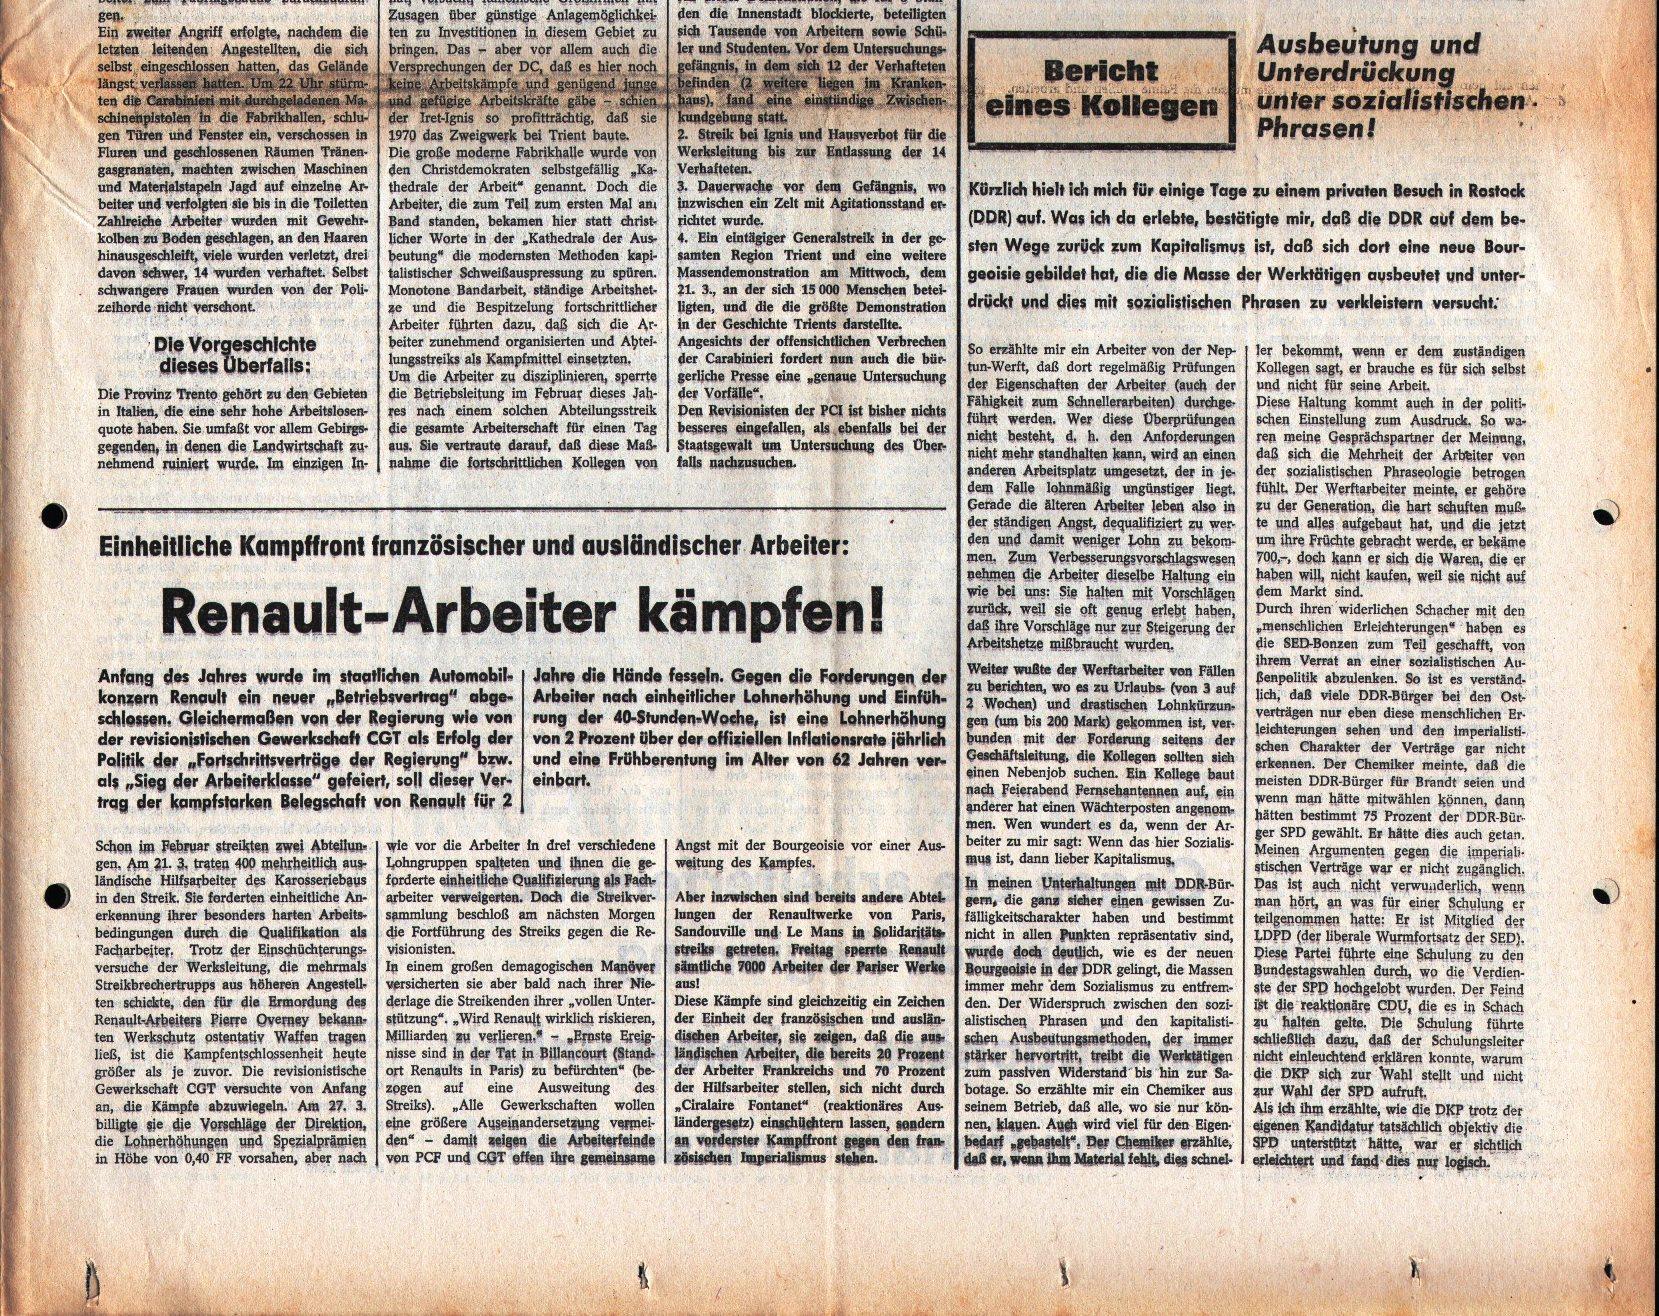 KPD_Rote_Fahne_1973_14_14